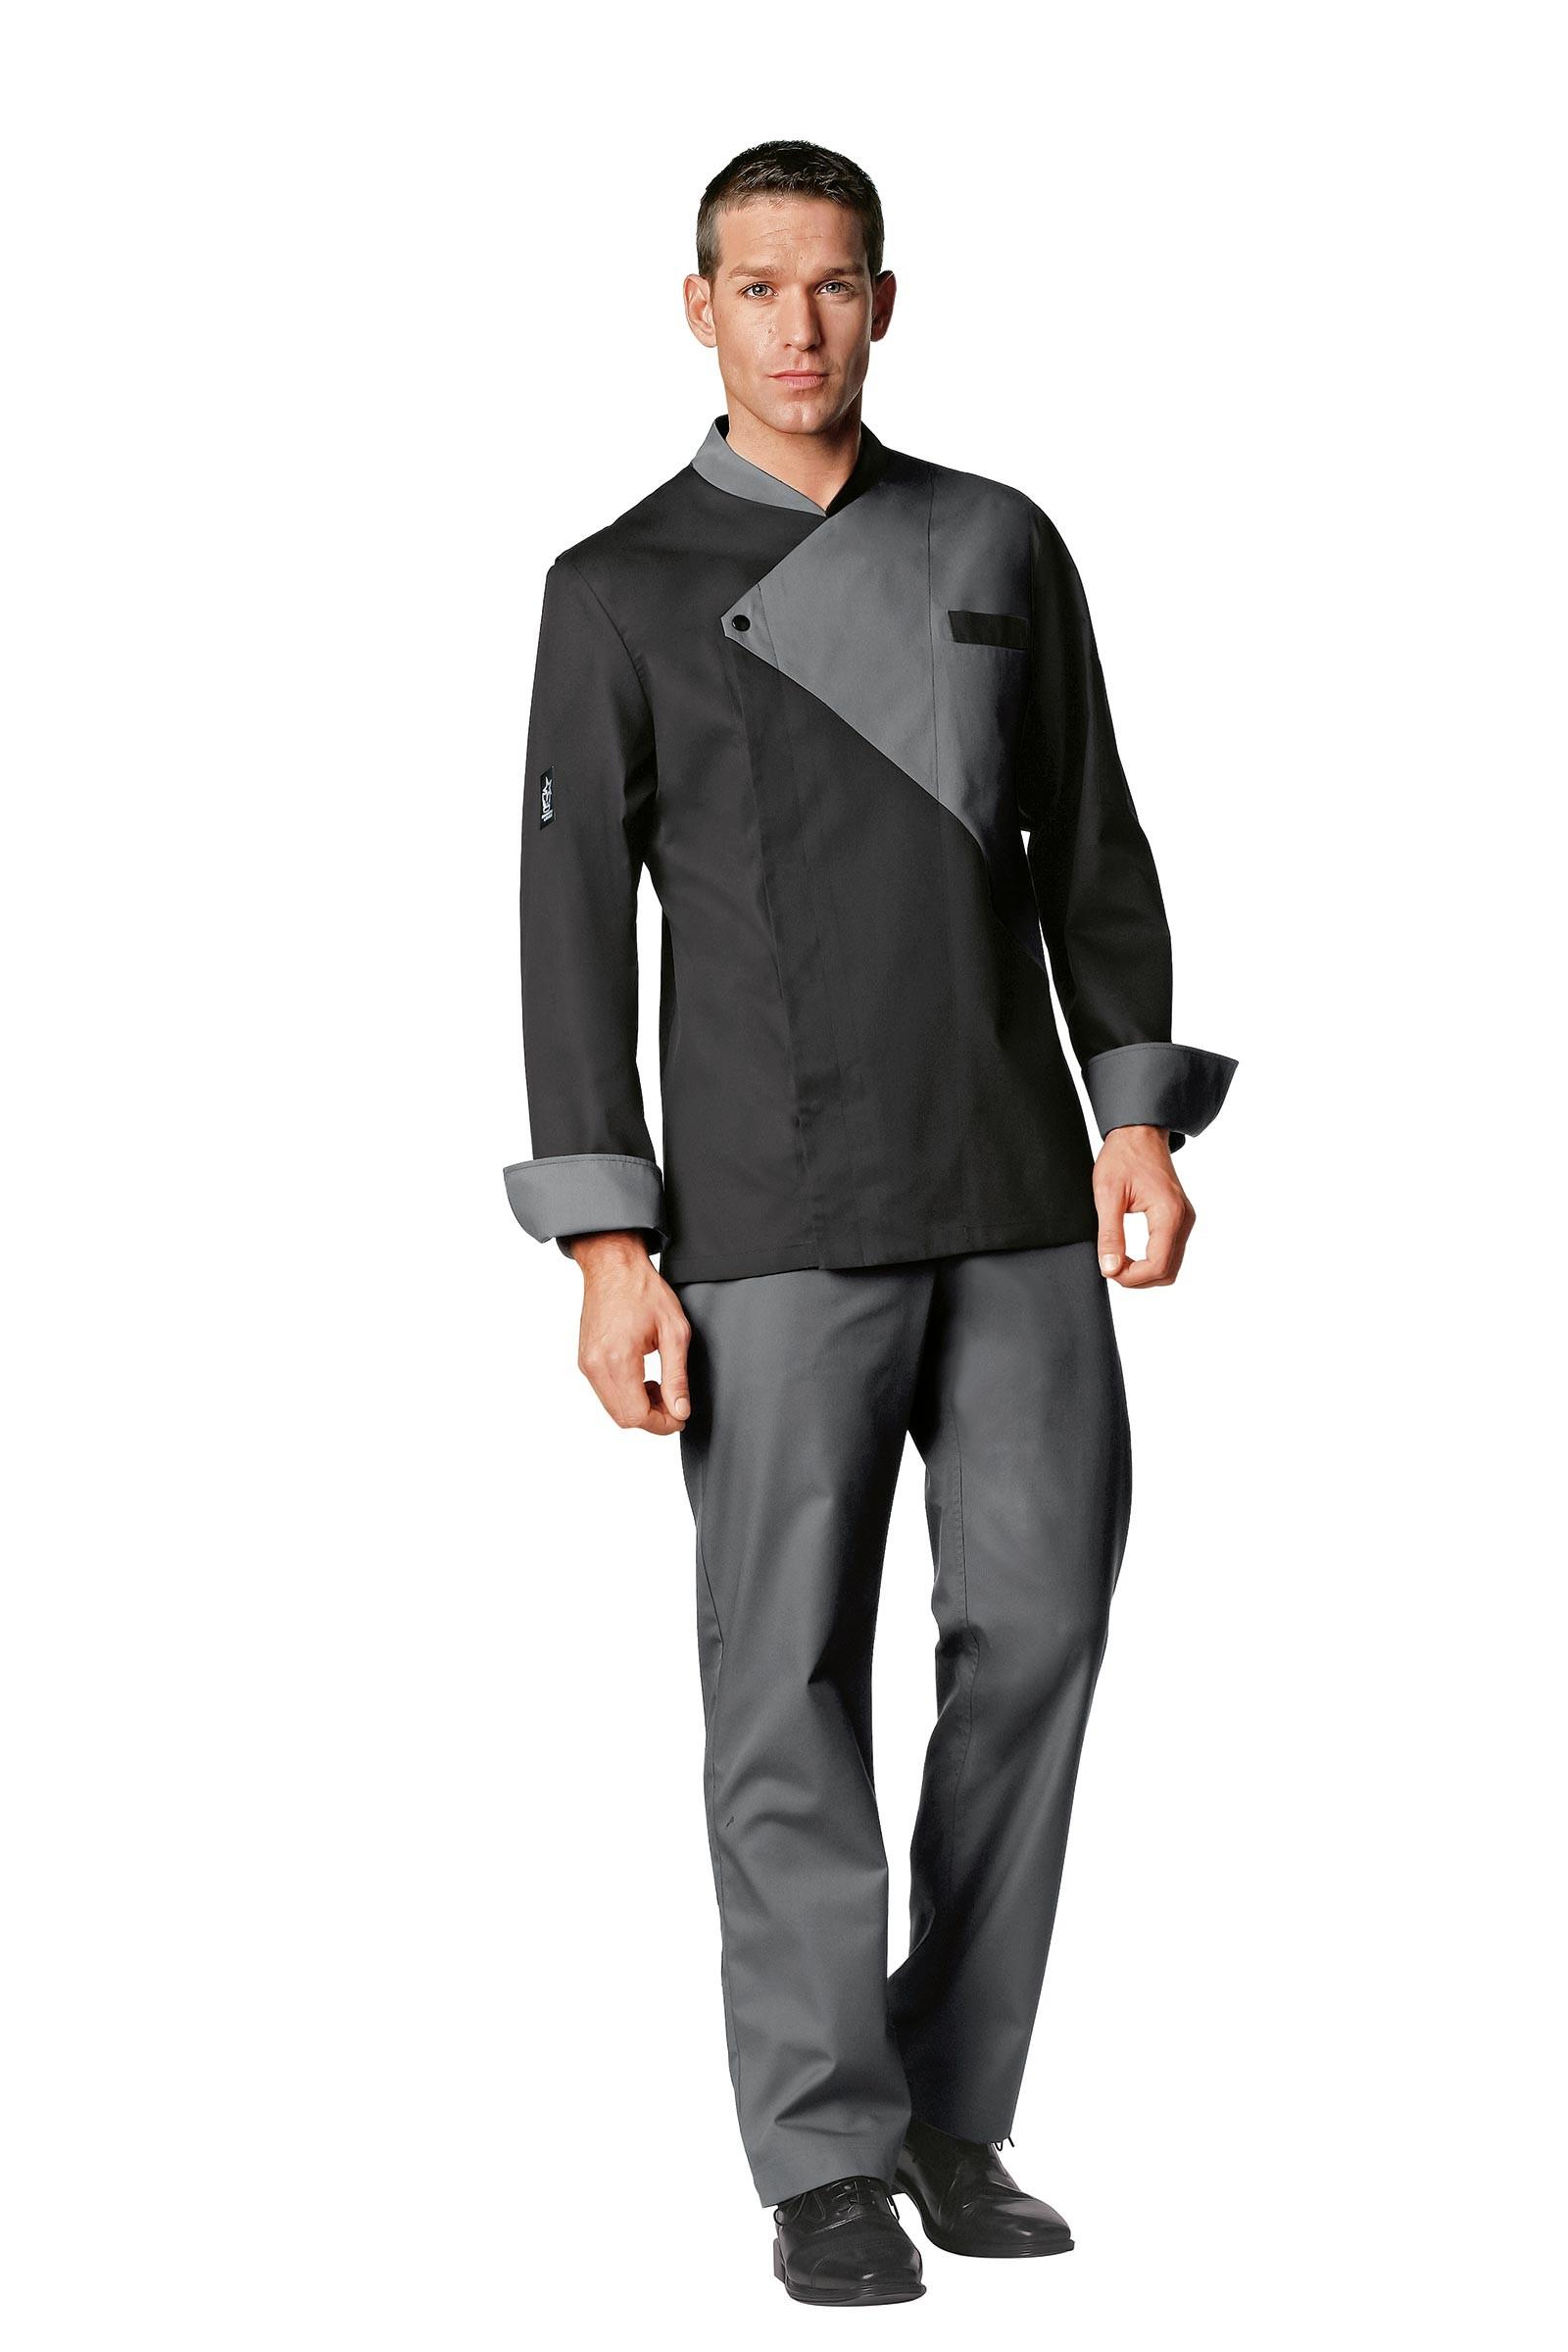 de cuisine en ligne,veste cuisine noire signification,veste de